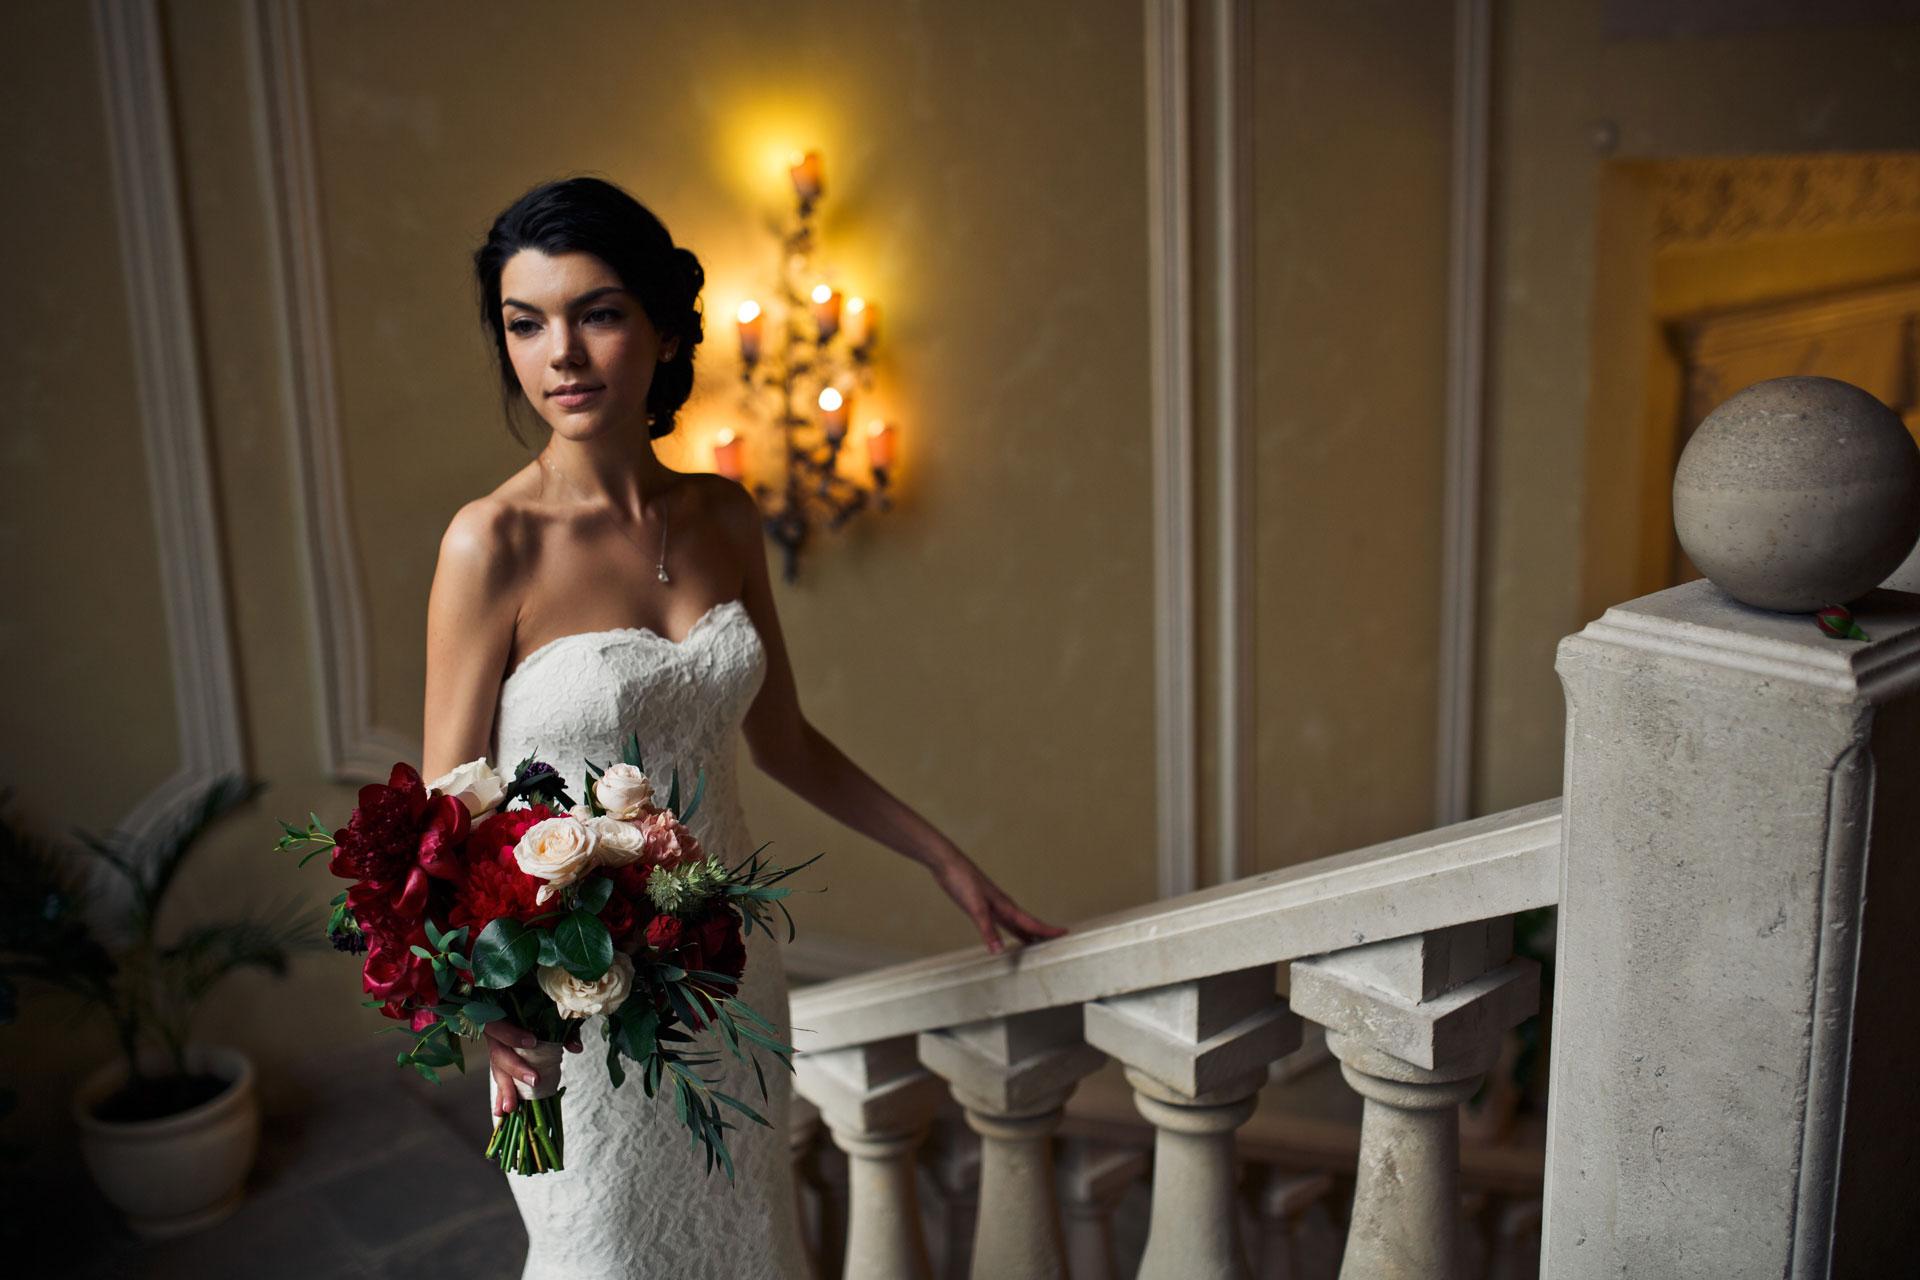 Итальянская усадьба. Свадьба Антона и Ирины фото 11